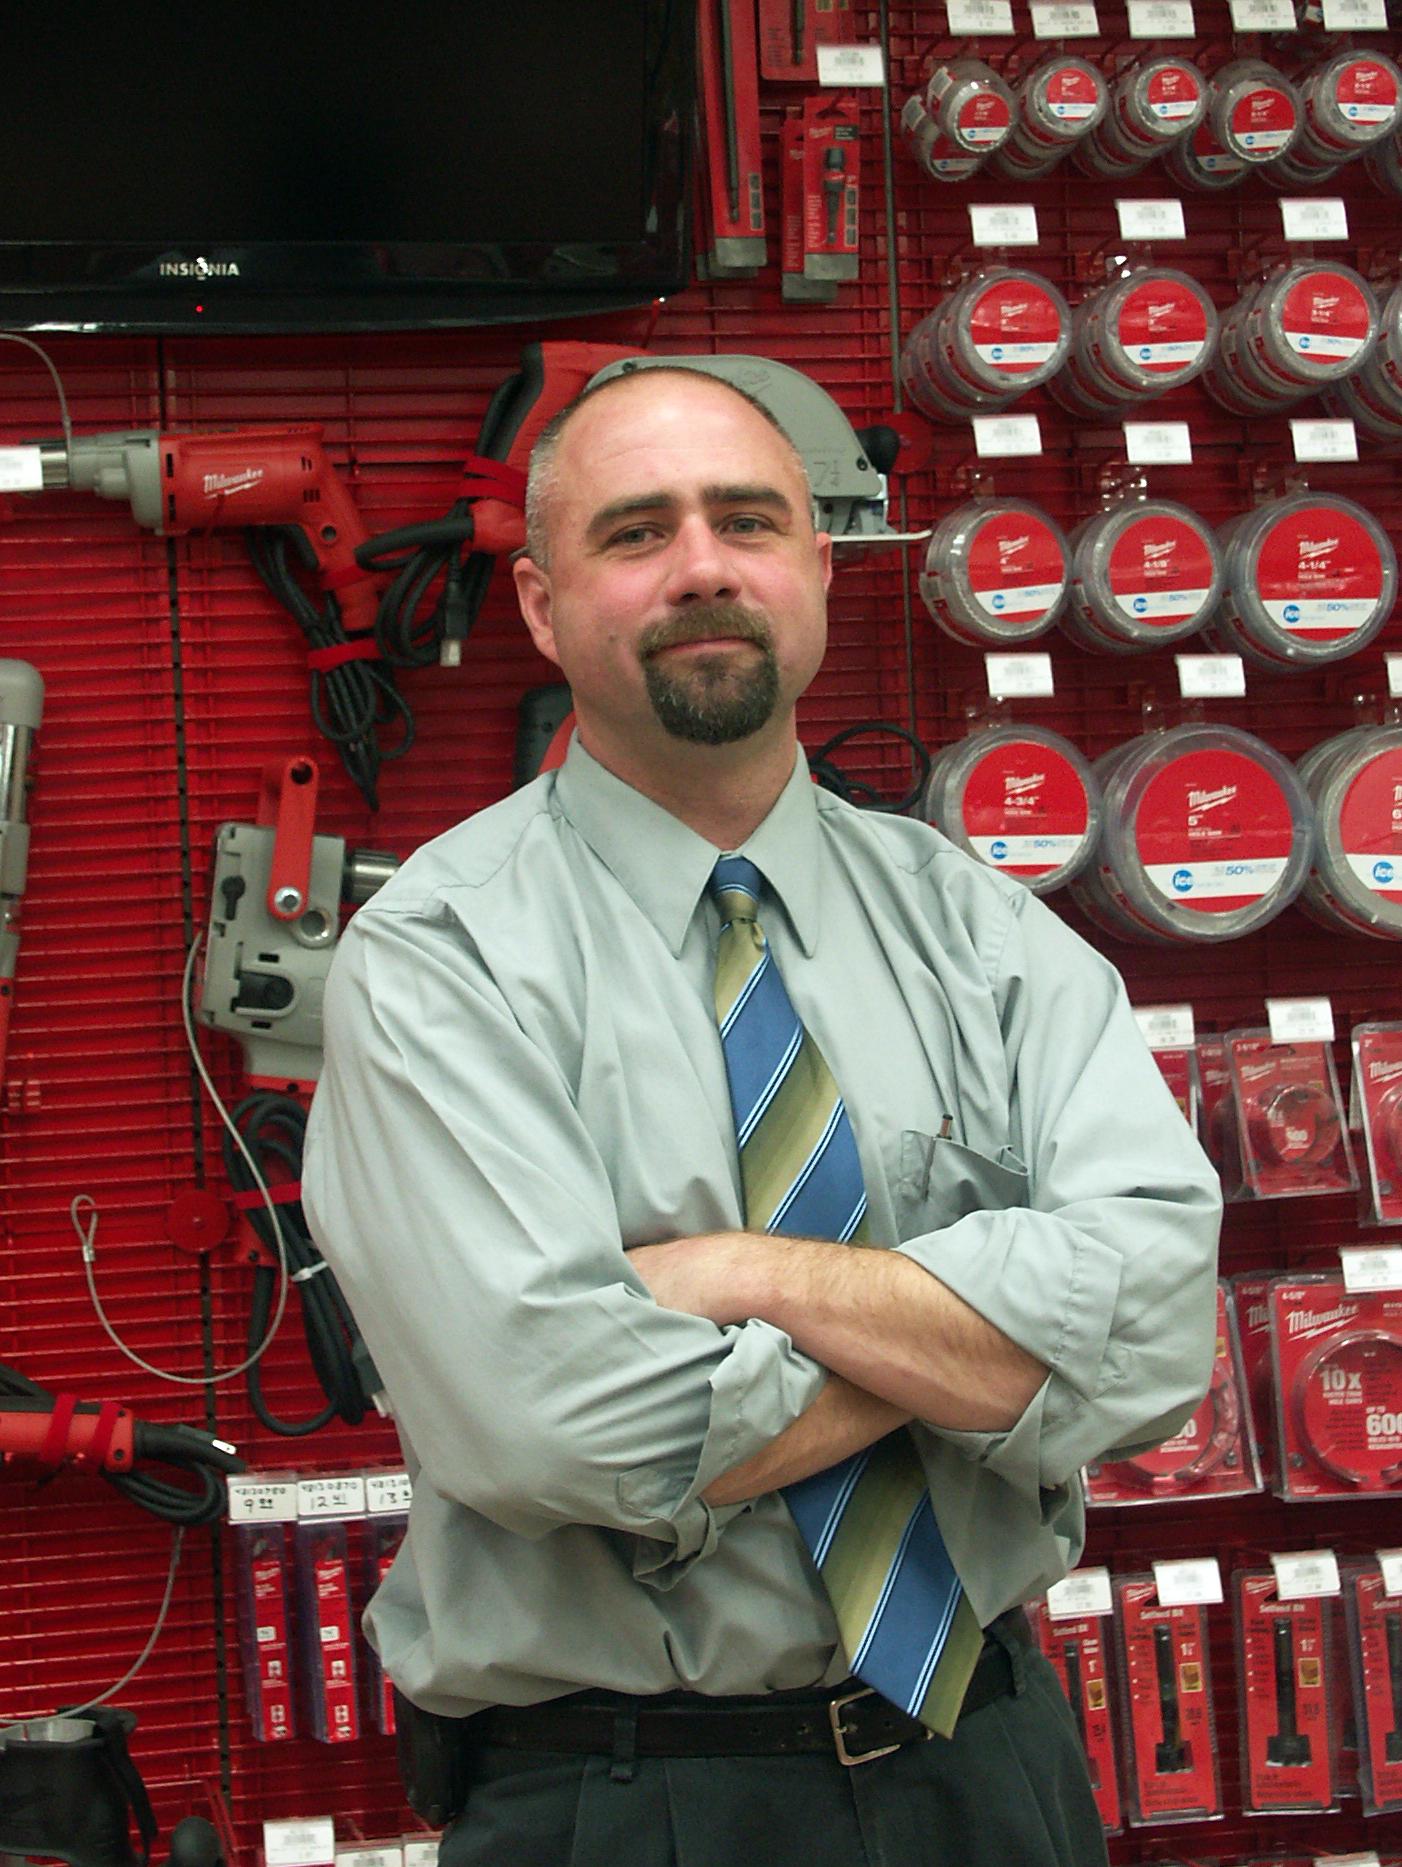 """Eli Bliffert of Bliffert Lumber & Hardware Named Hardware Industry's """"Top Gun"""""""